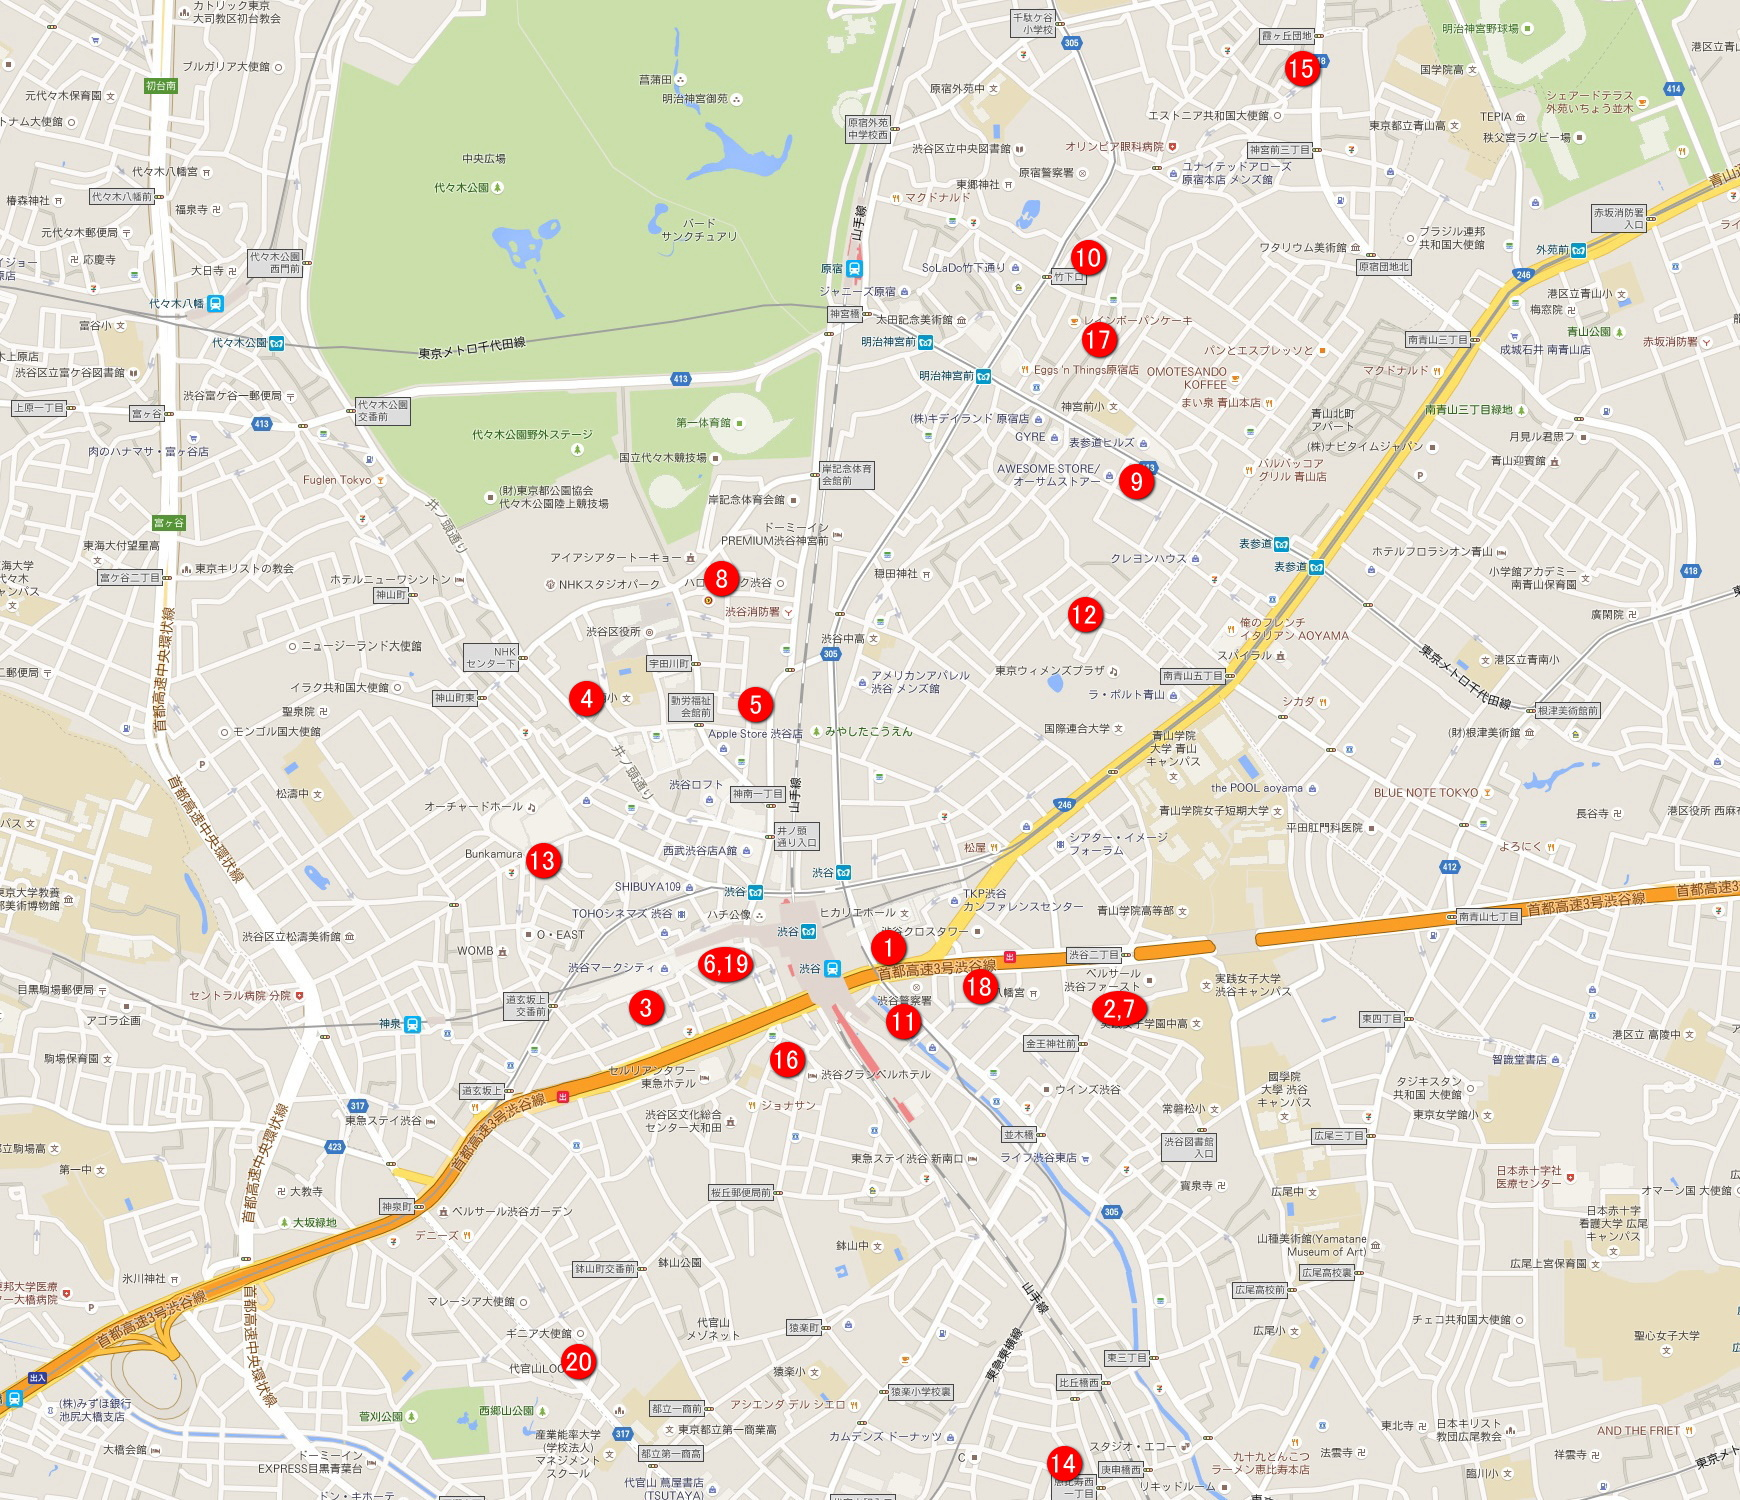 渋谷のイベントスペースマップ